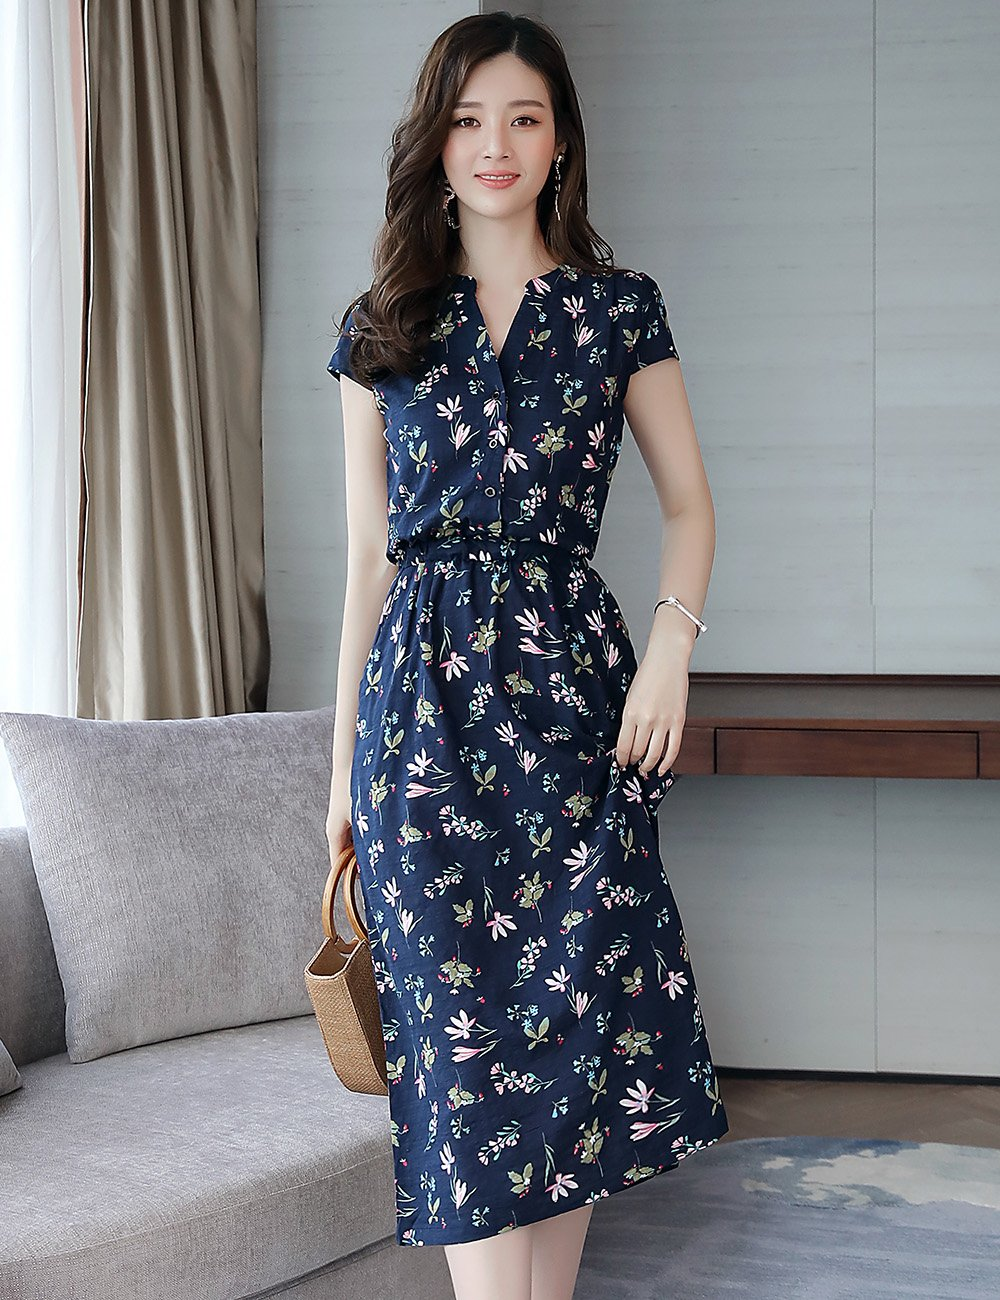 Fanru 梵如 女式 韩版修身印花圆领裙子短袖显瘦波西米亚沙滩裙夏季时尚优雅甜美连衣裙 F178-1837W